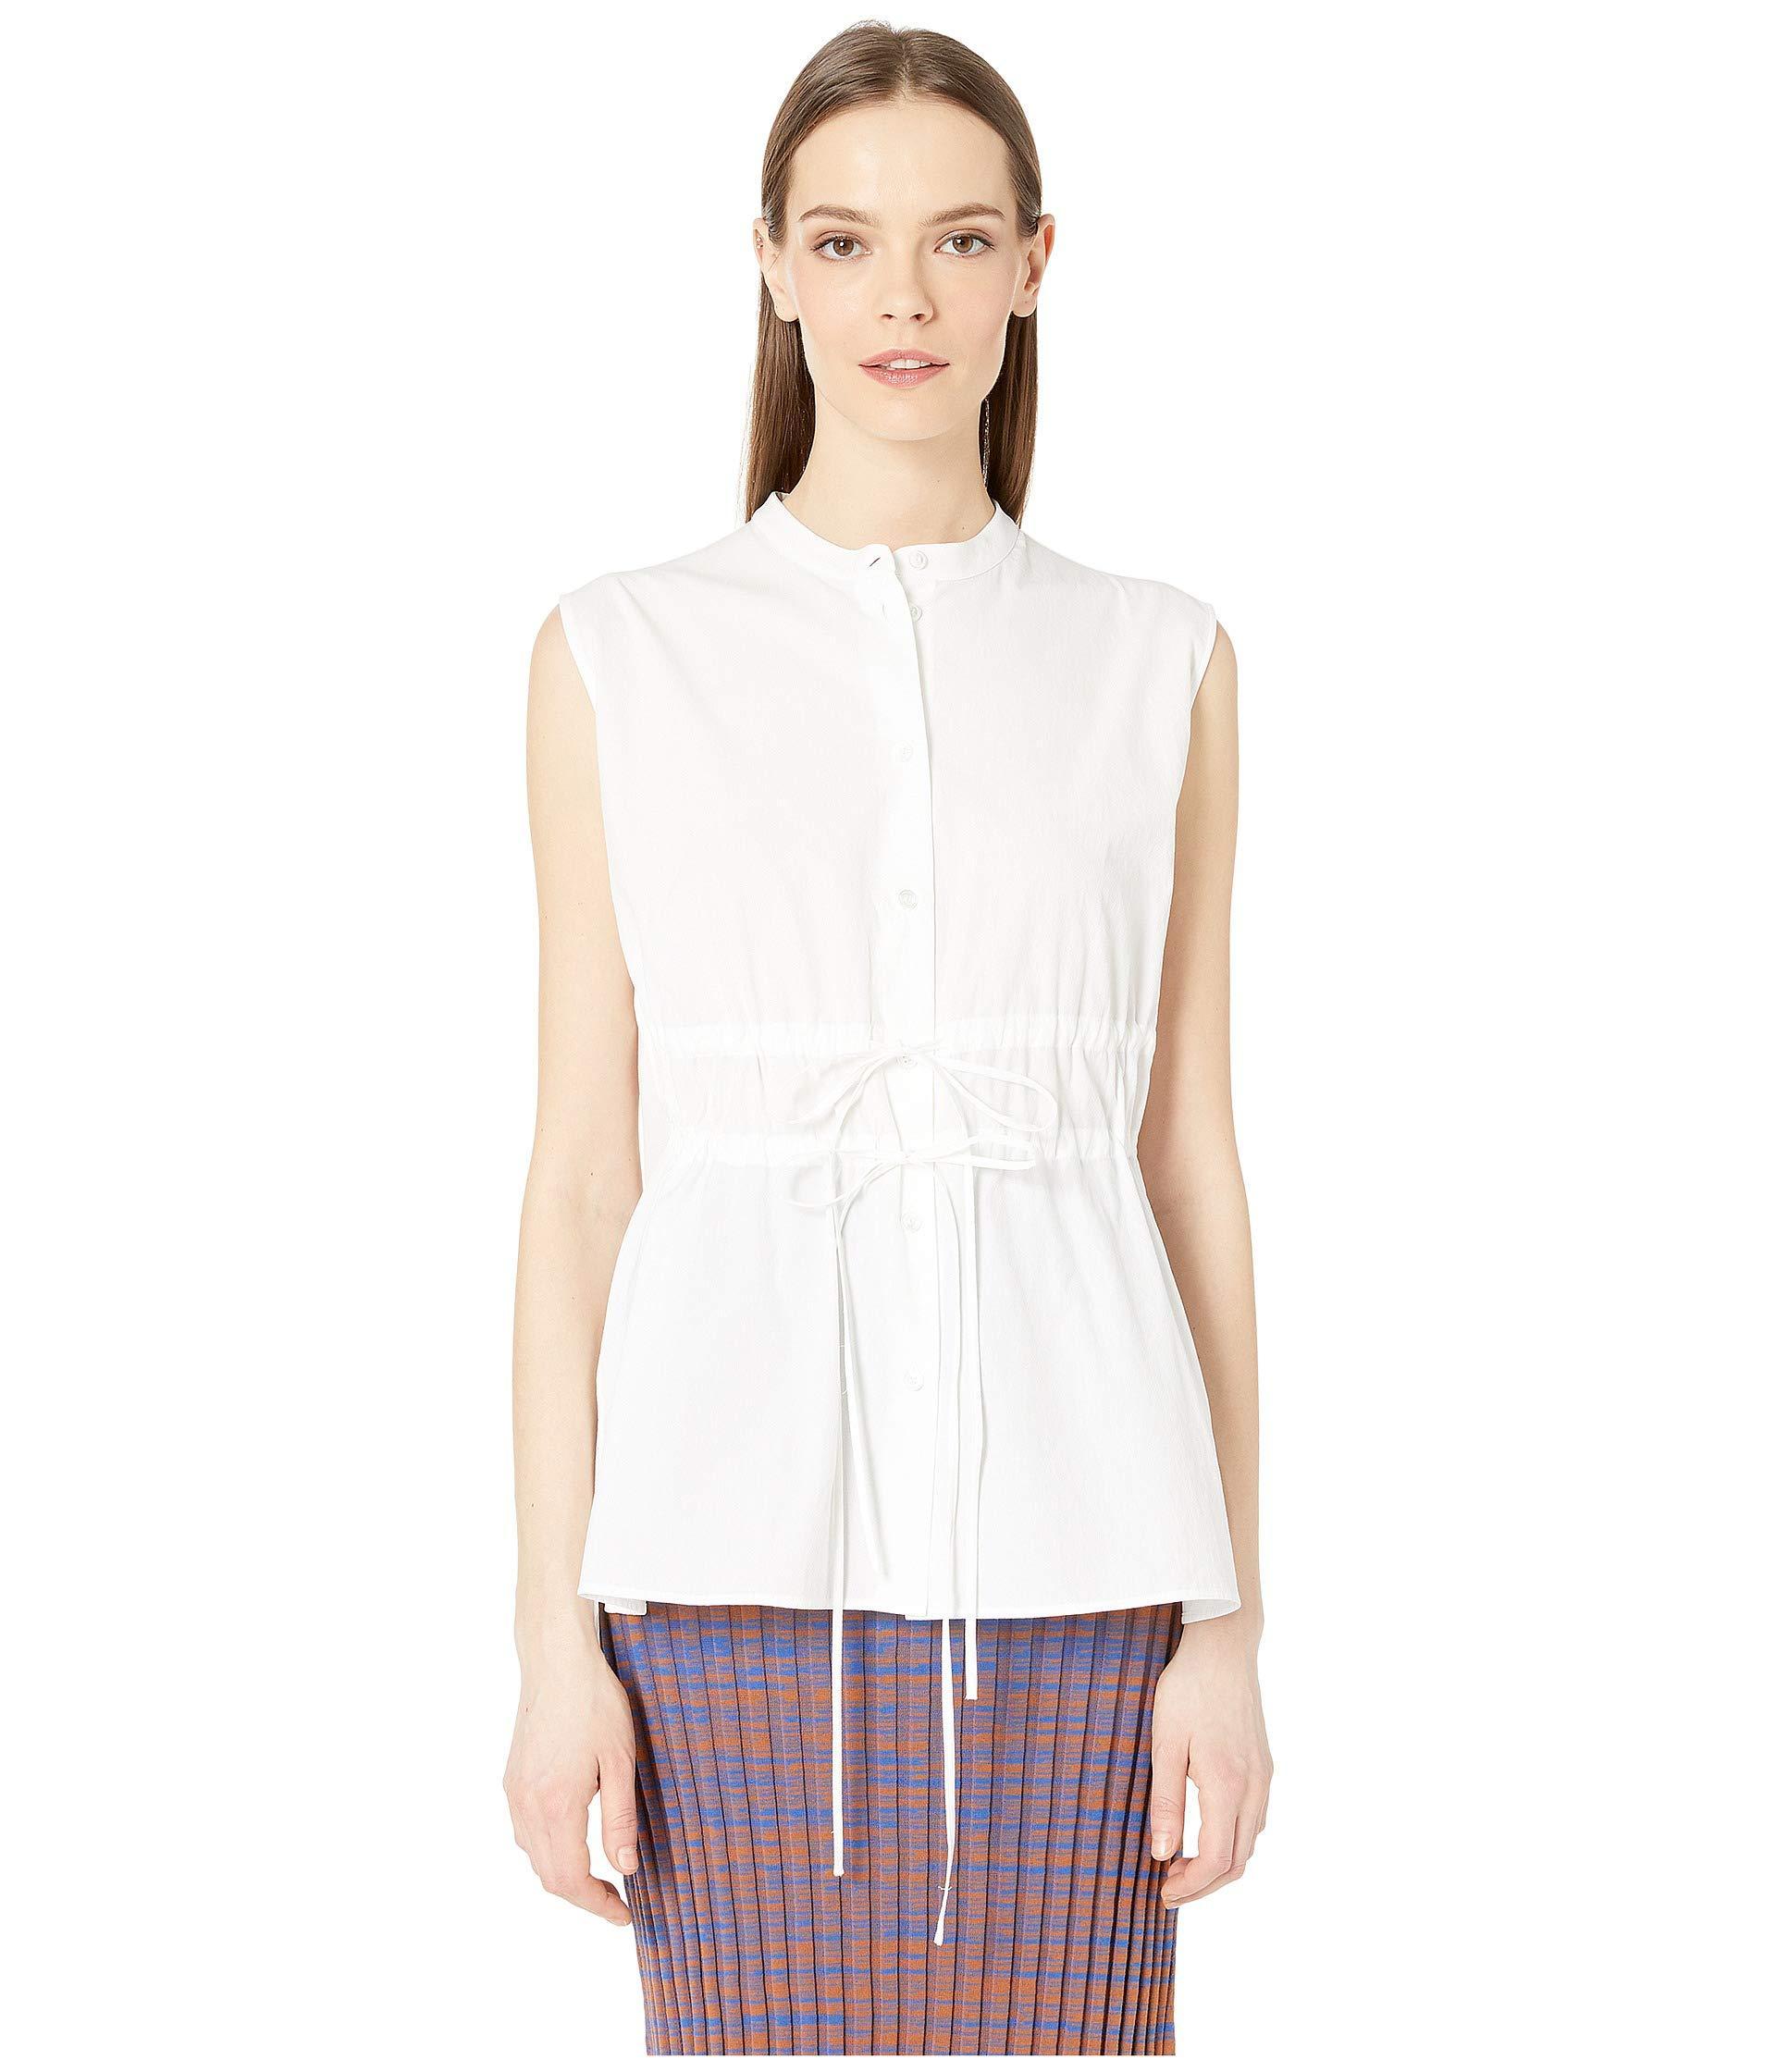 38220f5d Lyst - Jil Sander Navy Woven Shirt (white) Women's Clothing in White